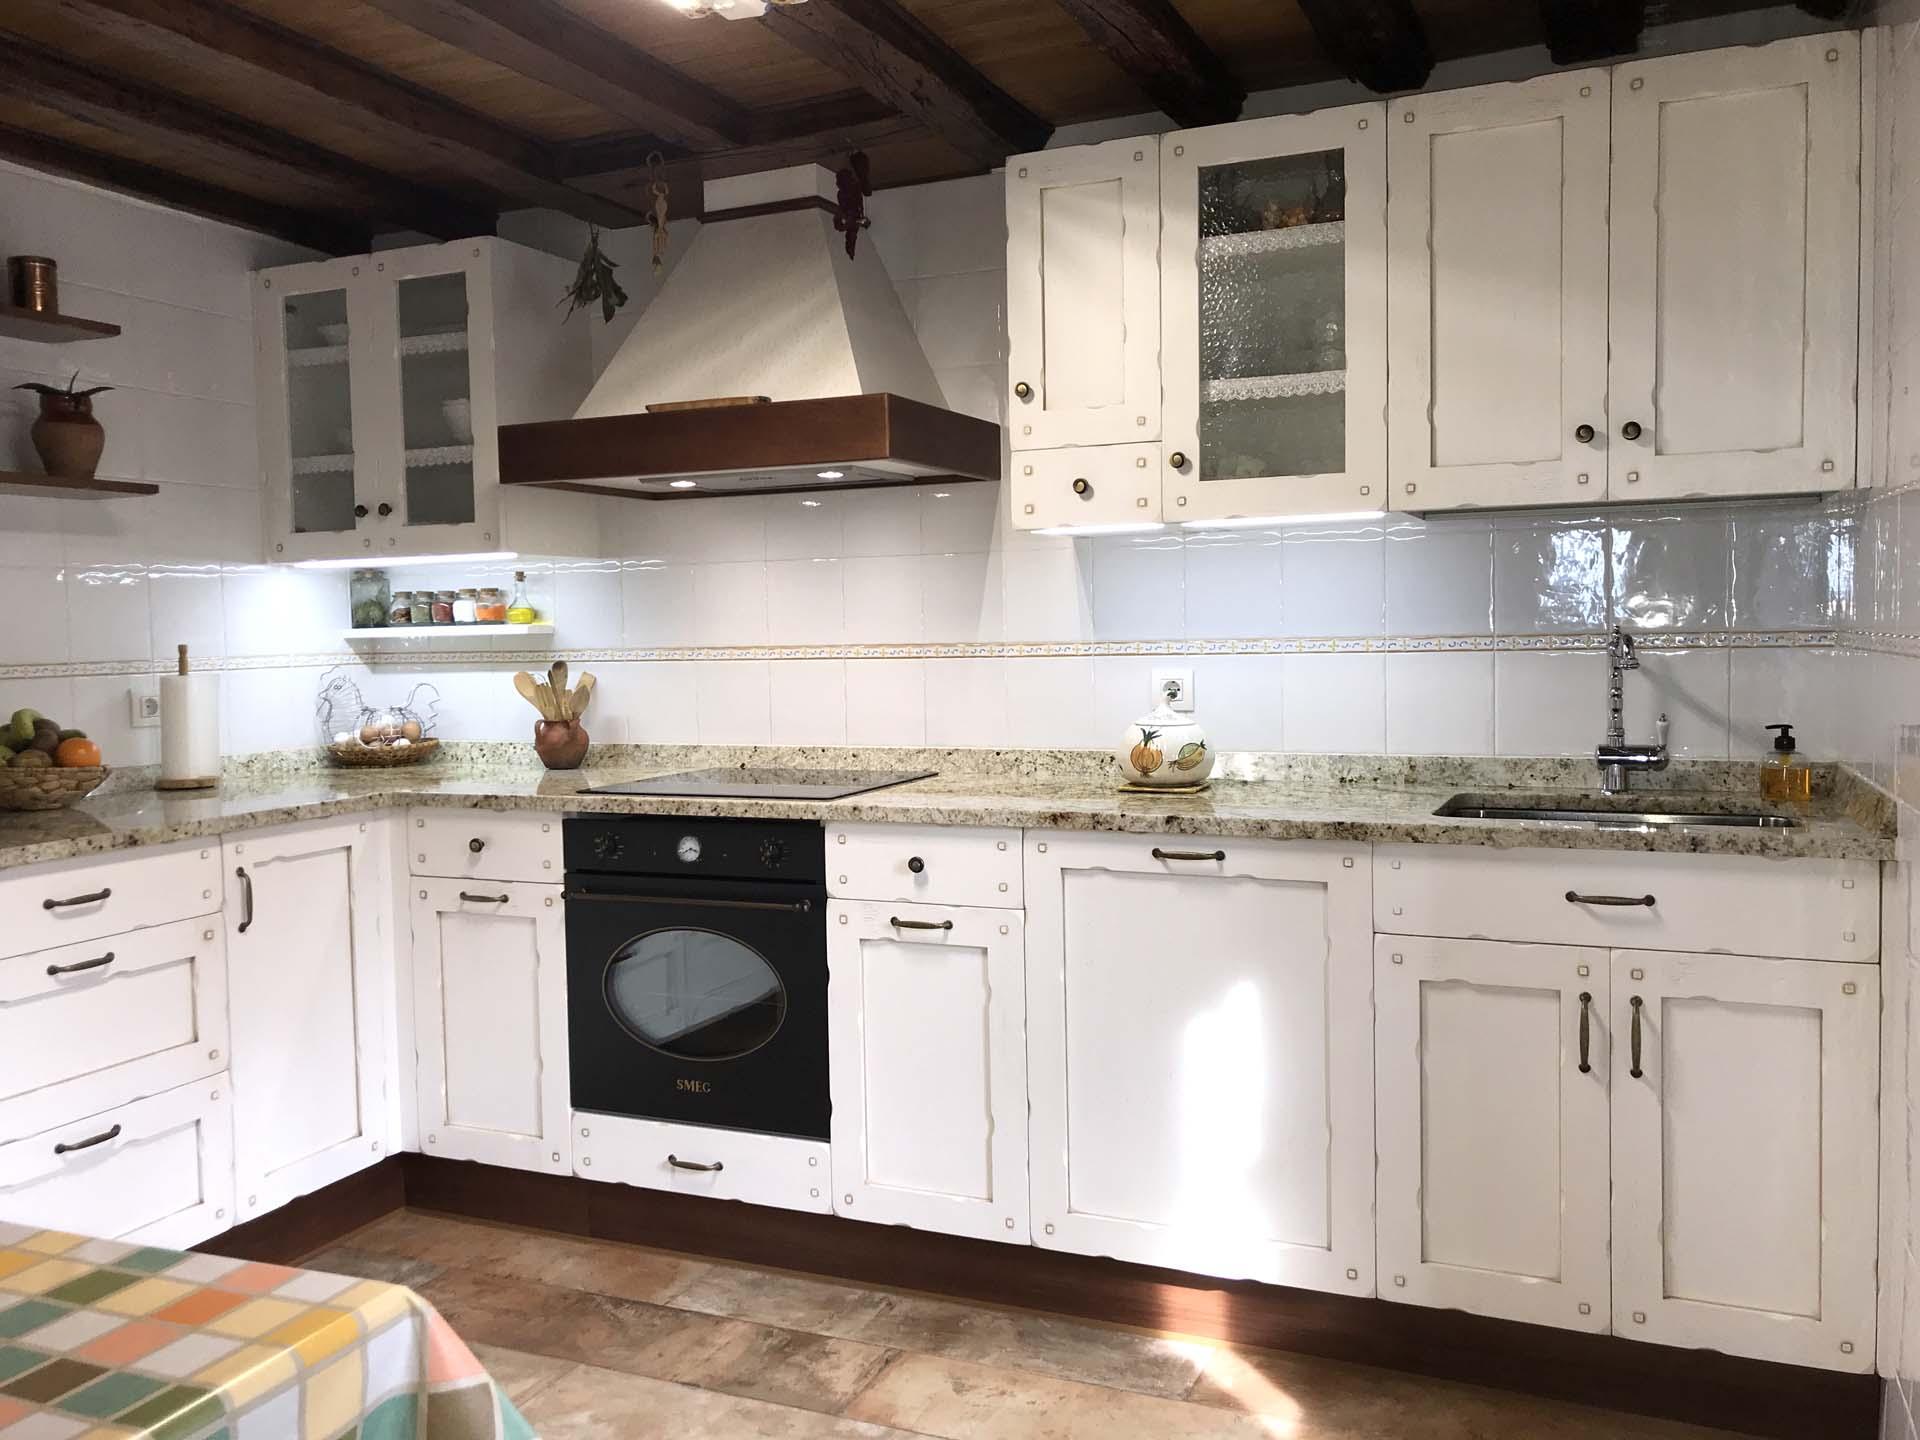 Cocina en madera de roble modelo castilla arnit for Modelos de muebles de madera